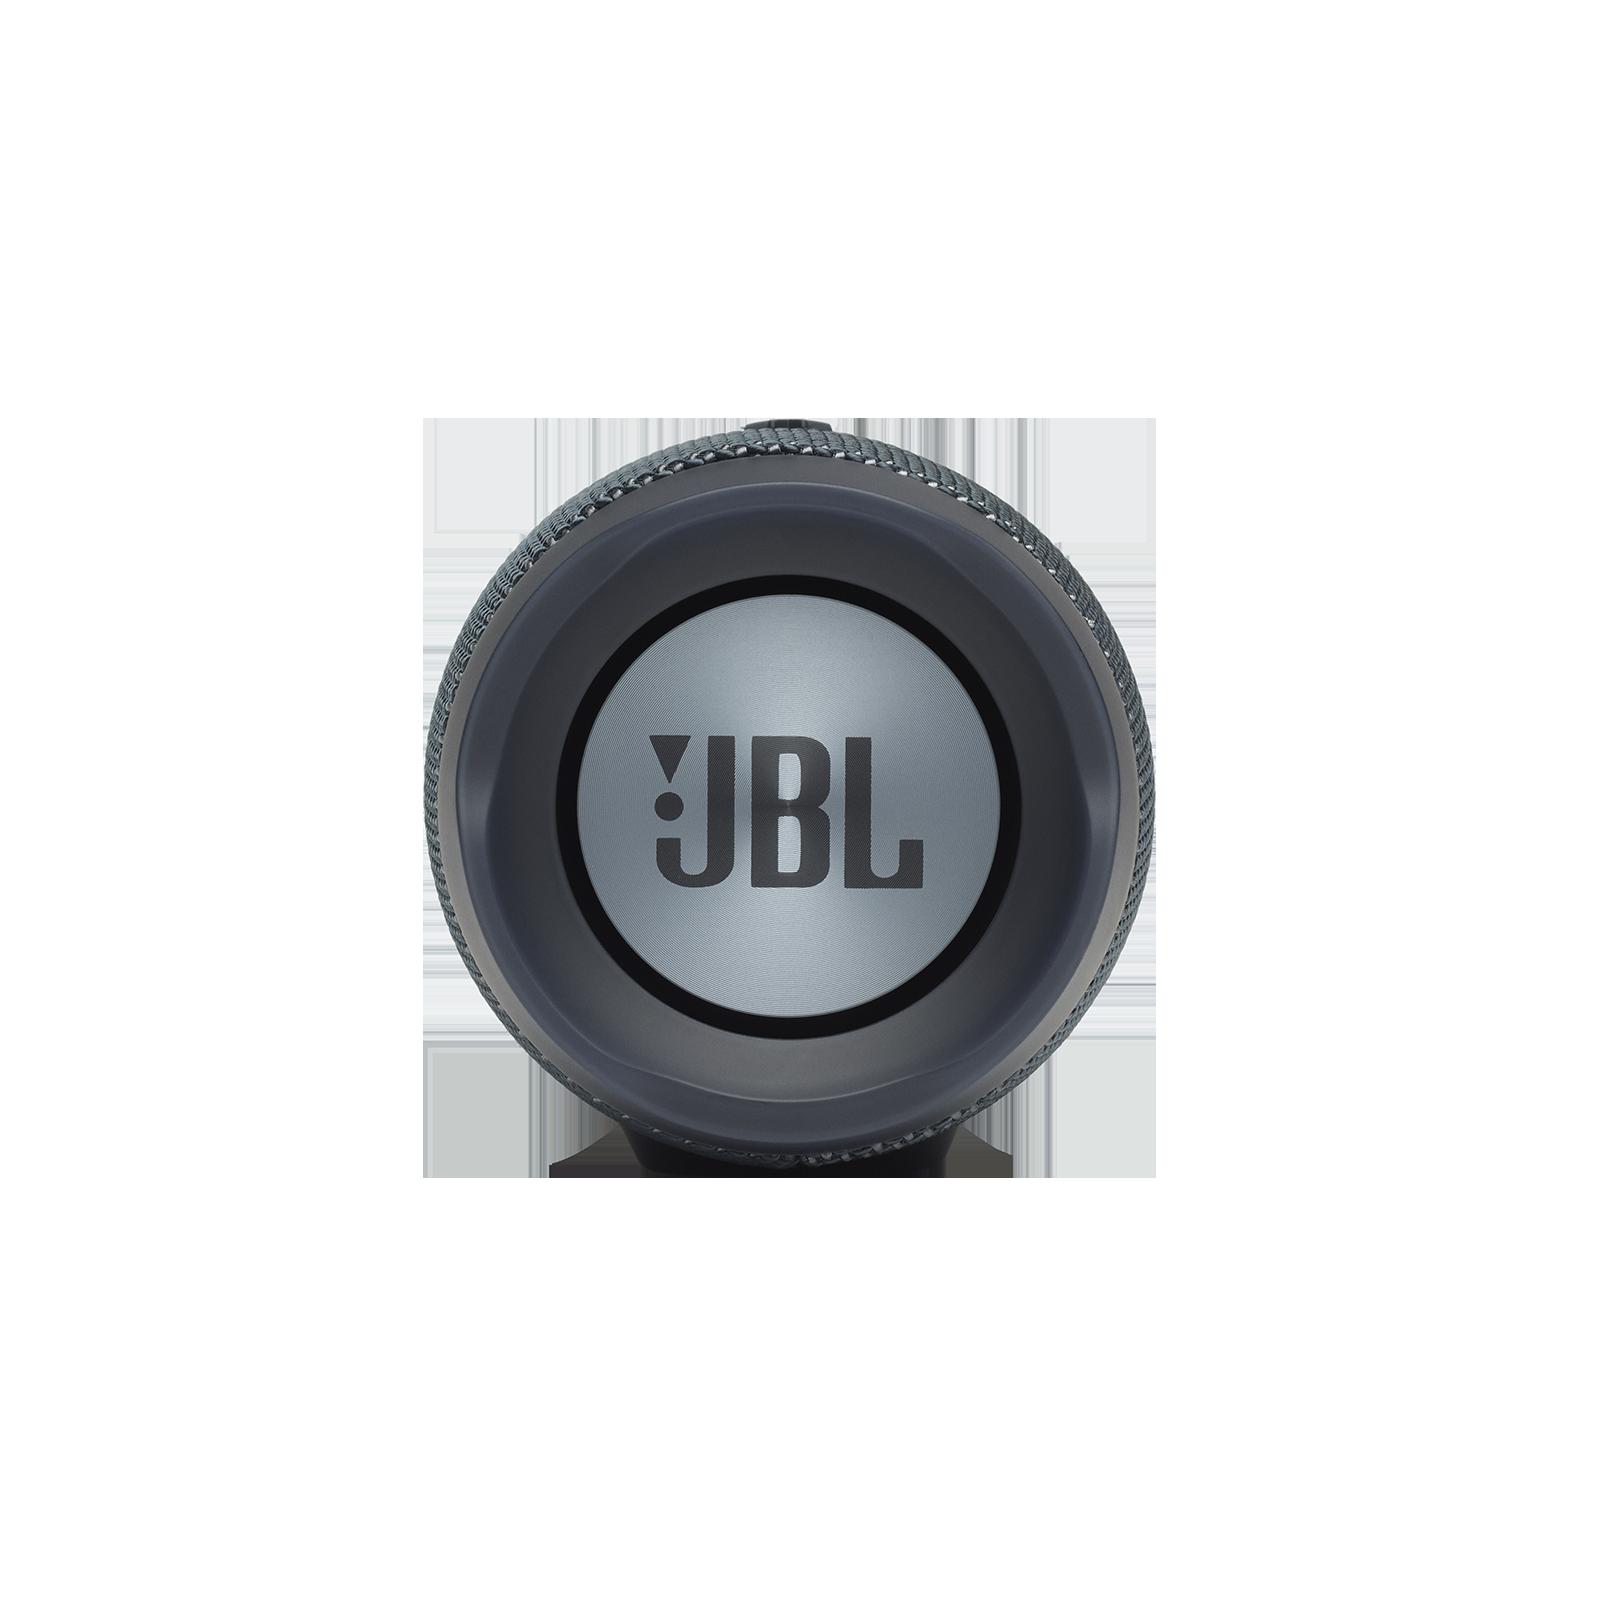 JBL Charge Essential - Gun Metal - Portable waterproof speaker - Right